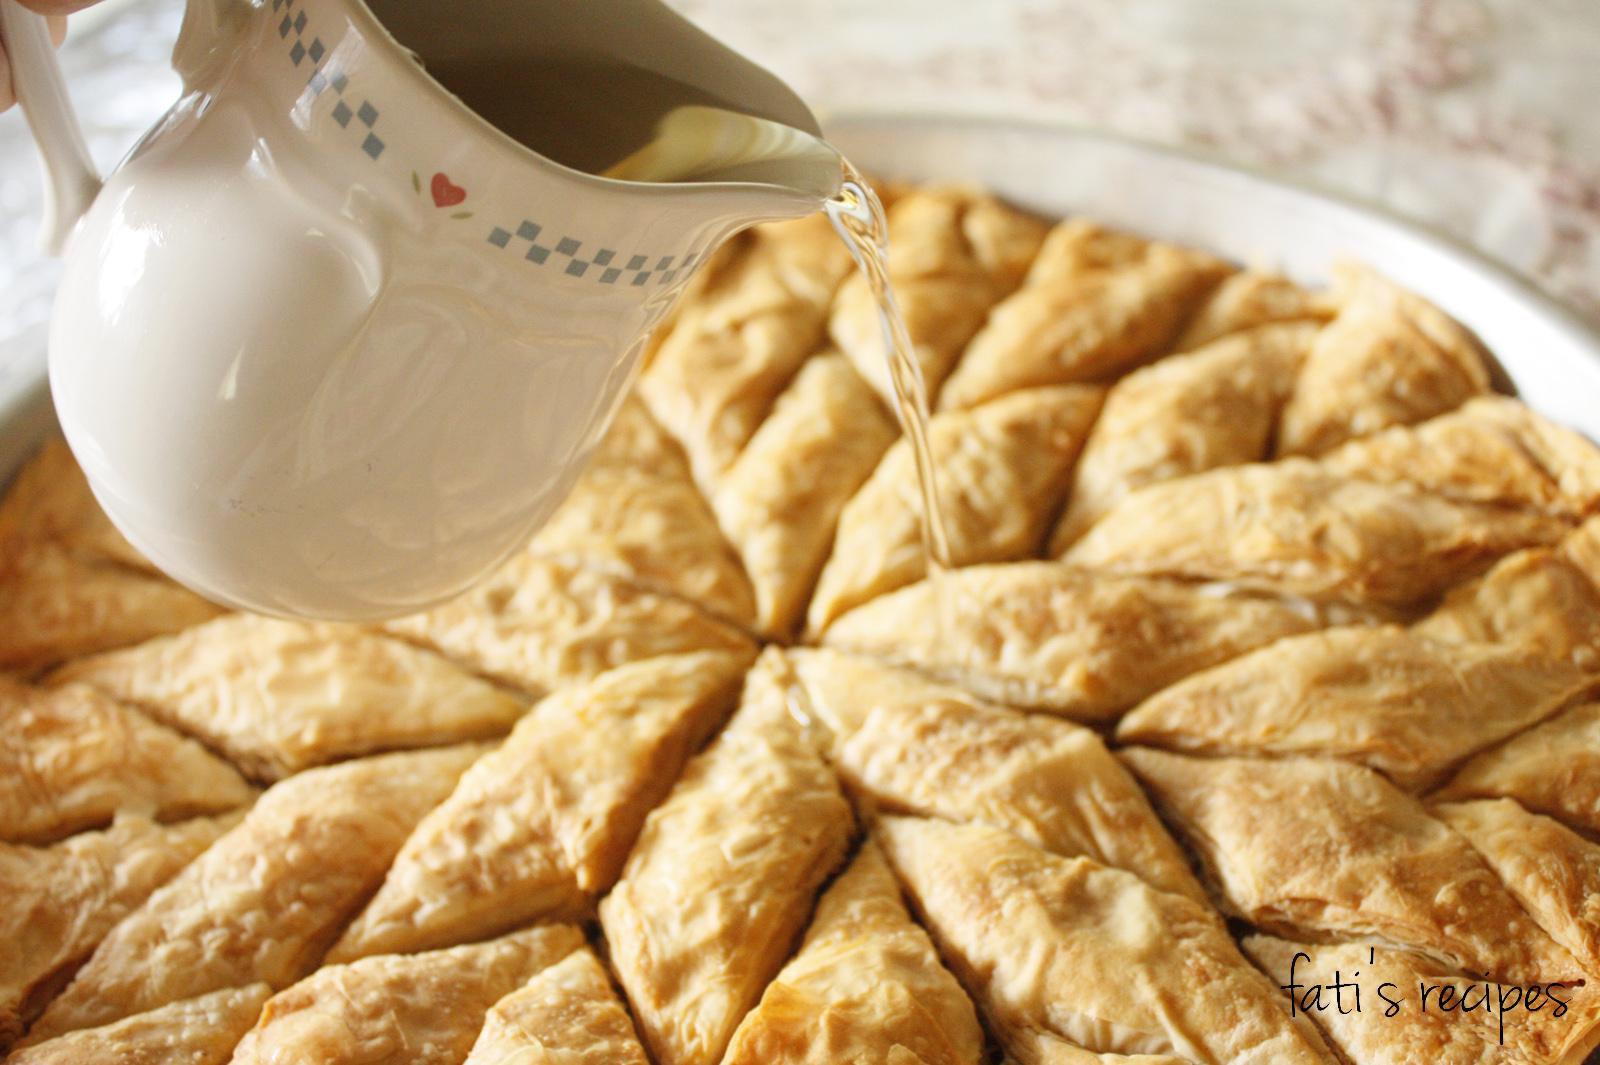 baqlawa (misspelled baklava) recipe – fati's recipes